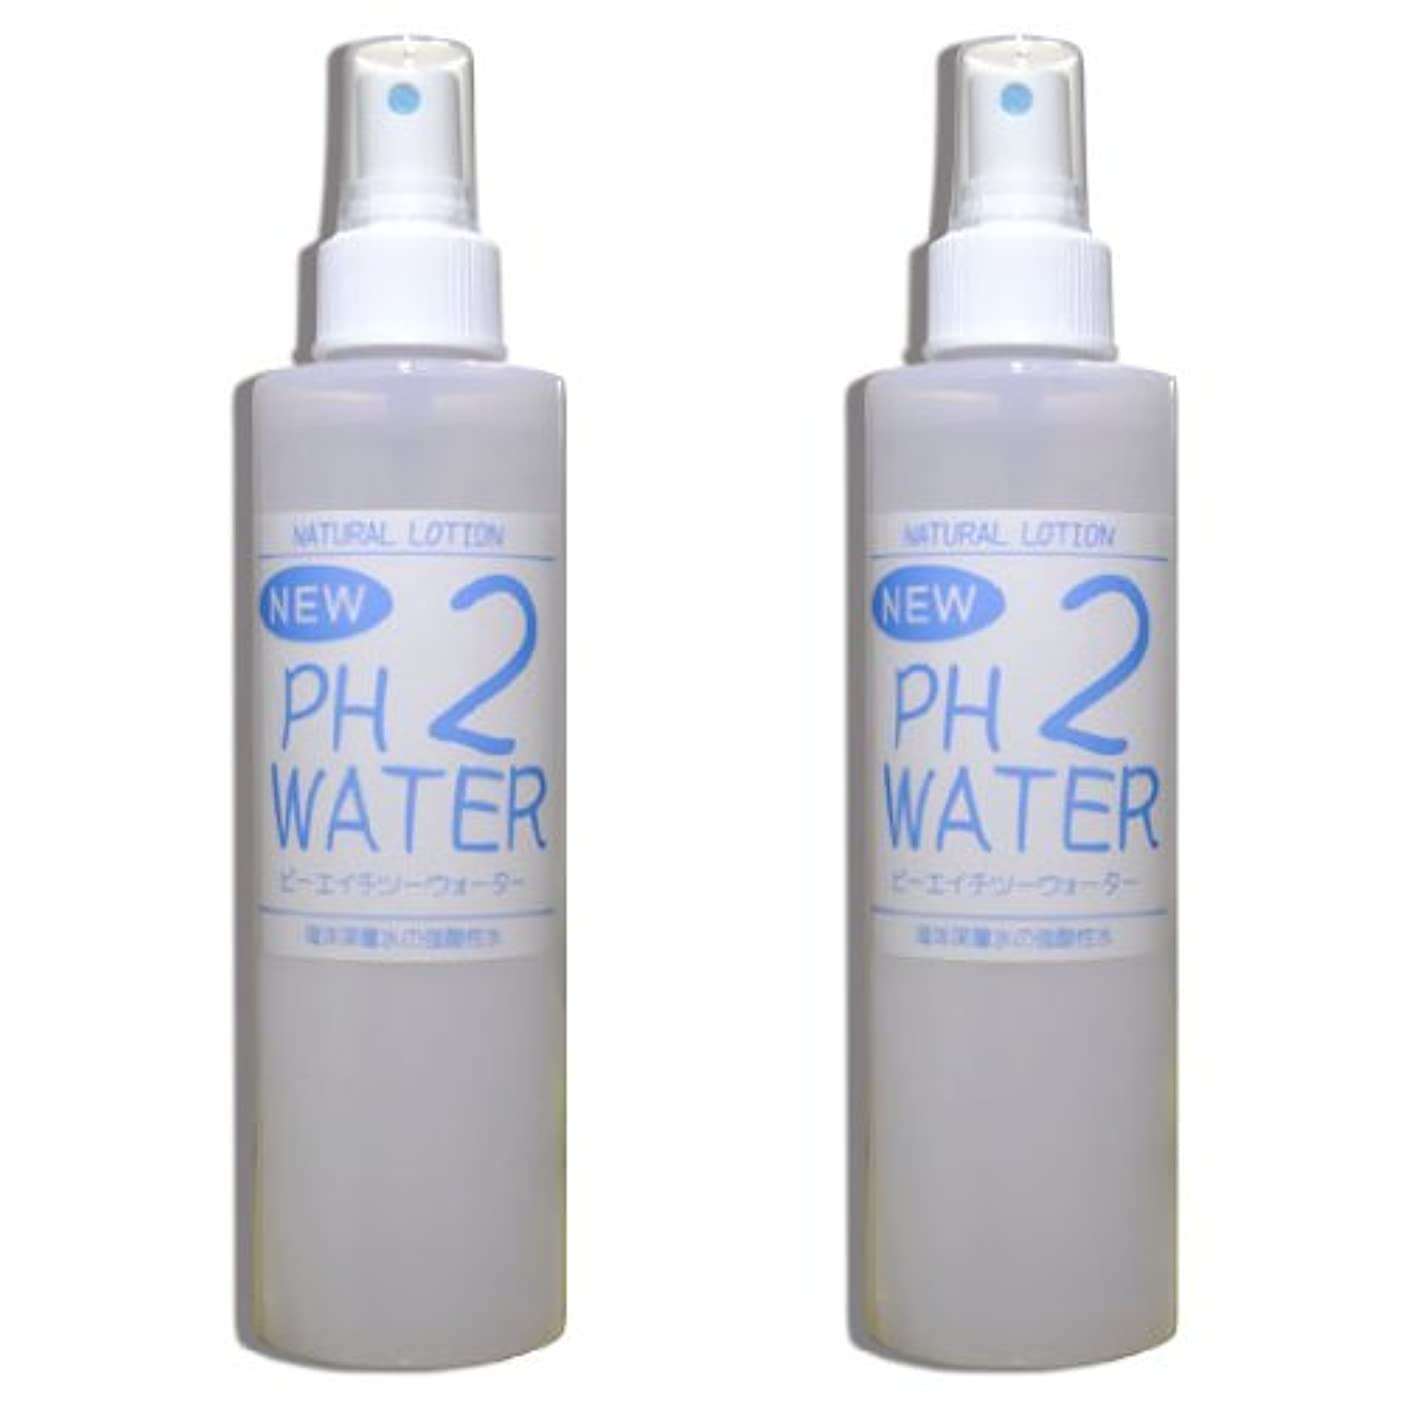 入力冷ややかな適性強酸性水 NEW PH2ウォーター『200mlスプレー2本セット』